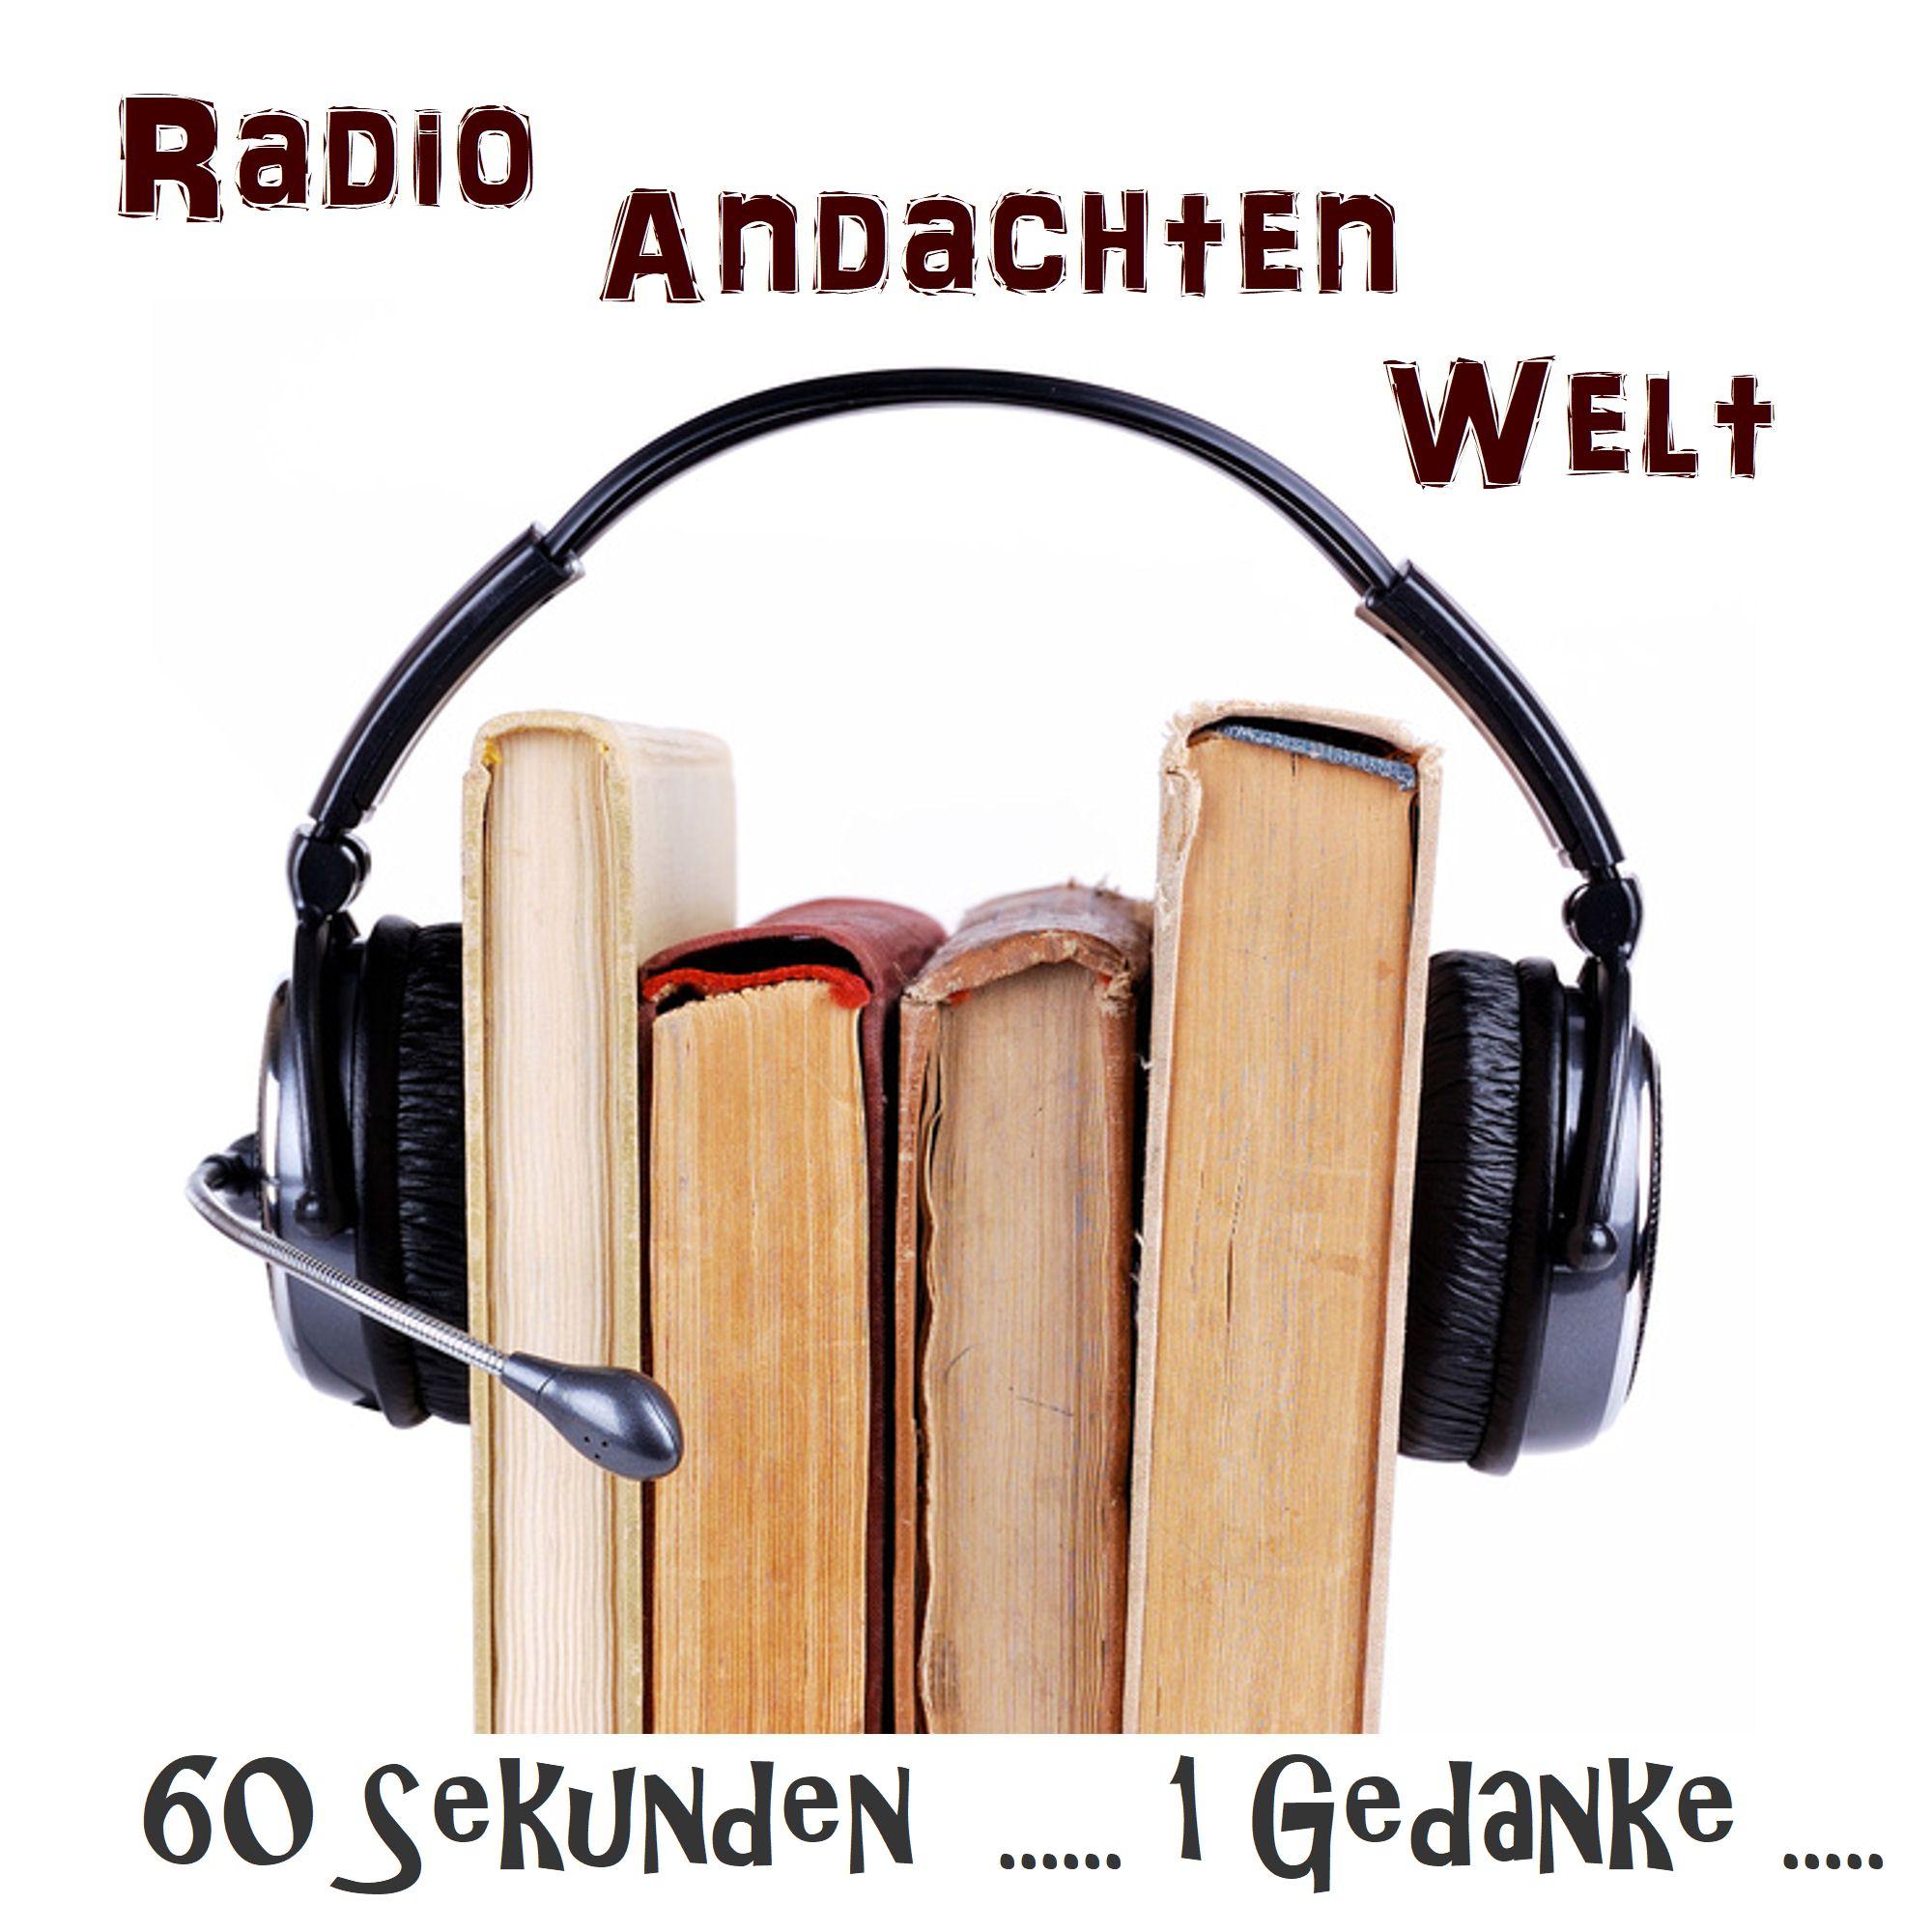 Radioandachten als Podcast